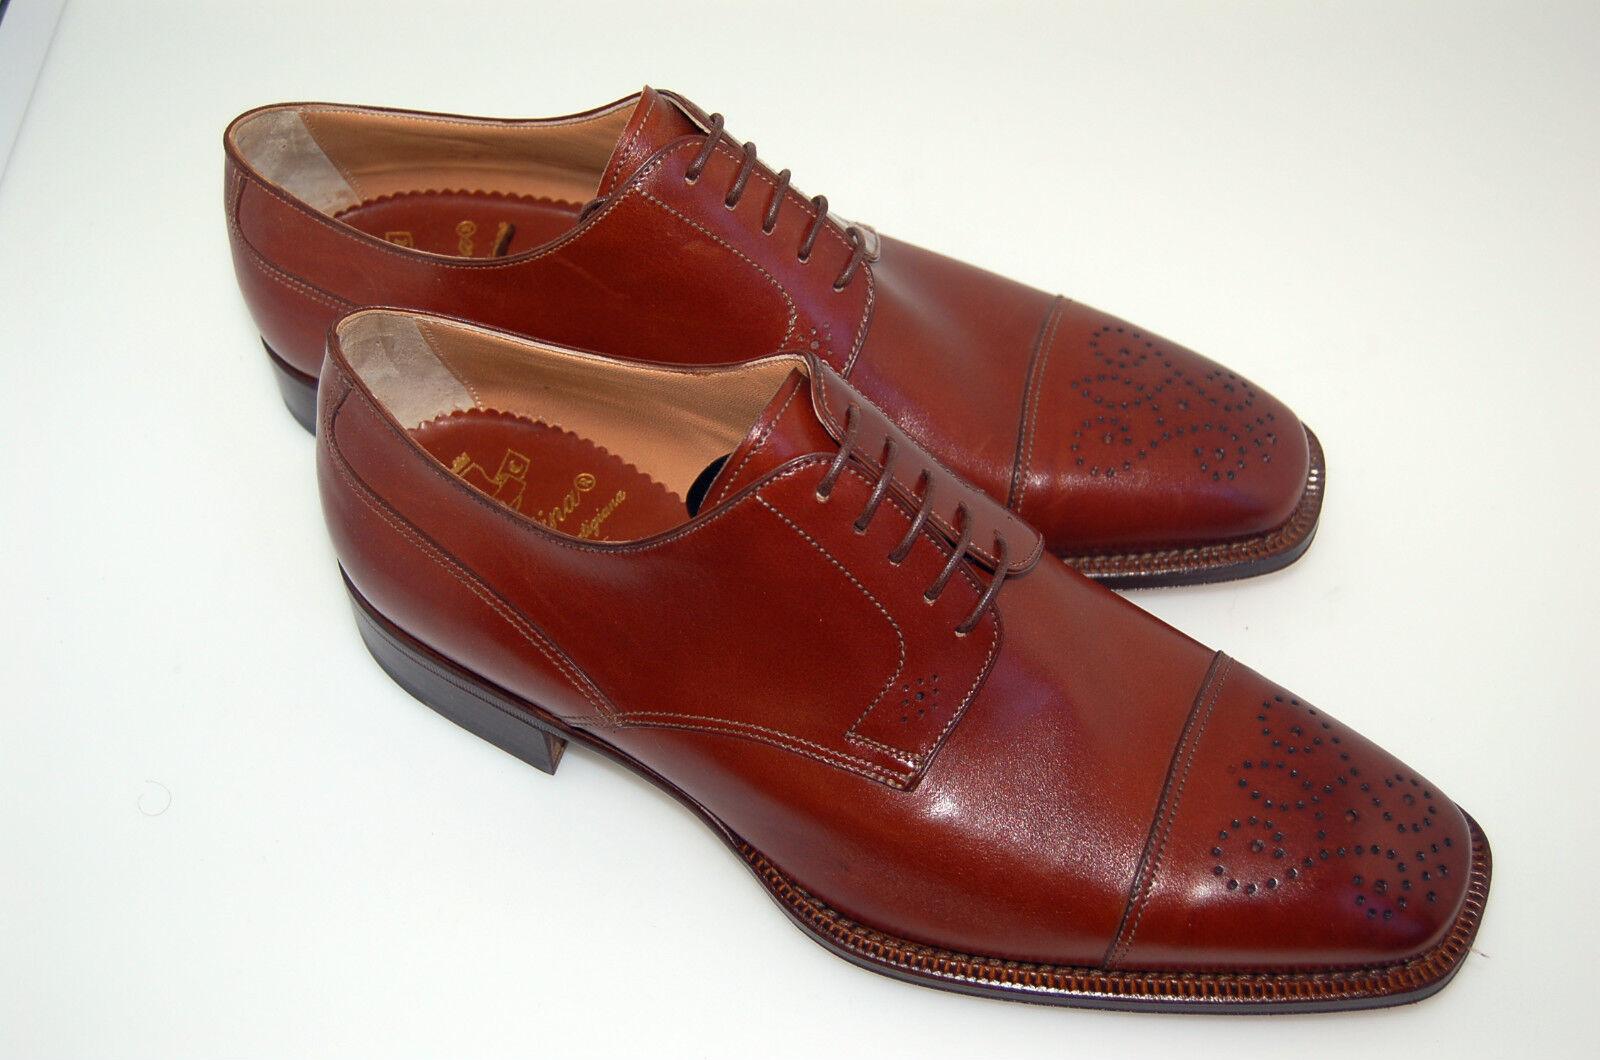 MAN -42- 8 eu-DERBY WINGTIP MEDALLION-CALF TAN-DOUBLE LTH SOLE-FONDO CUOIO Scarpe classiche da uomo